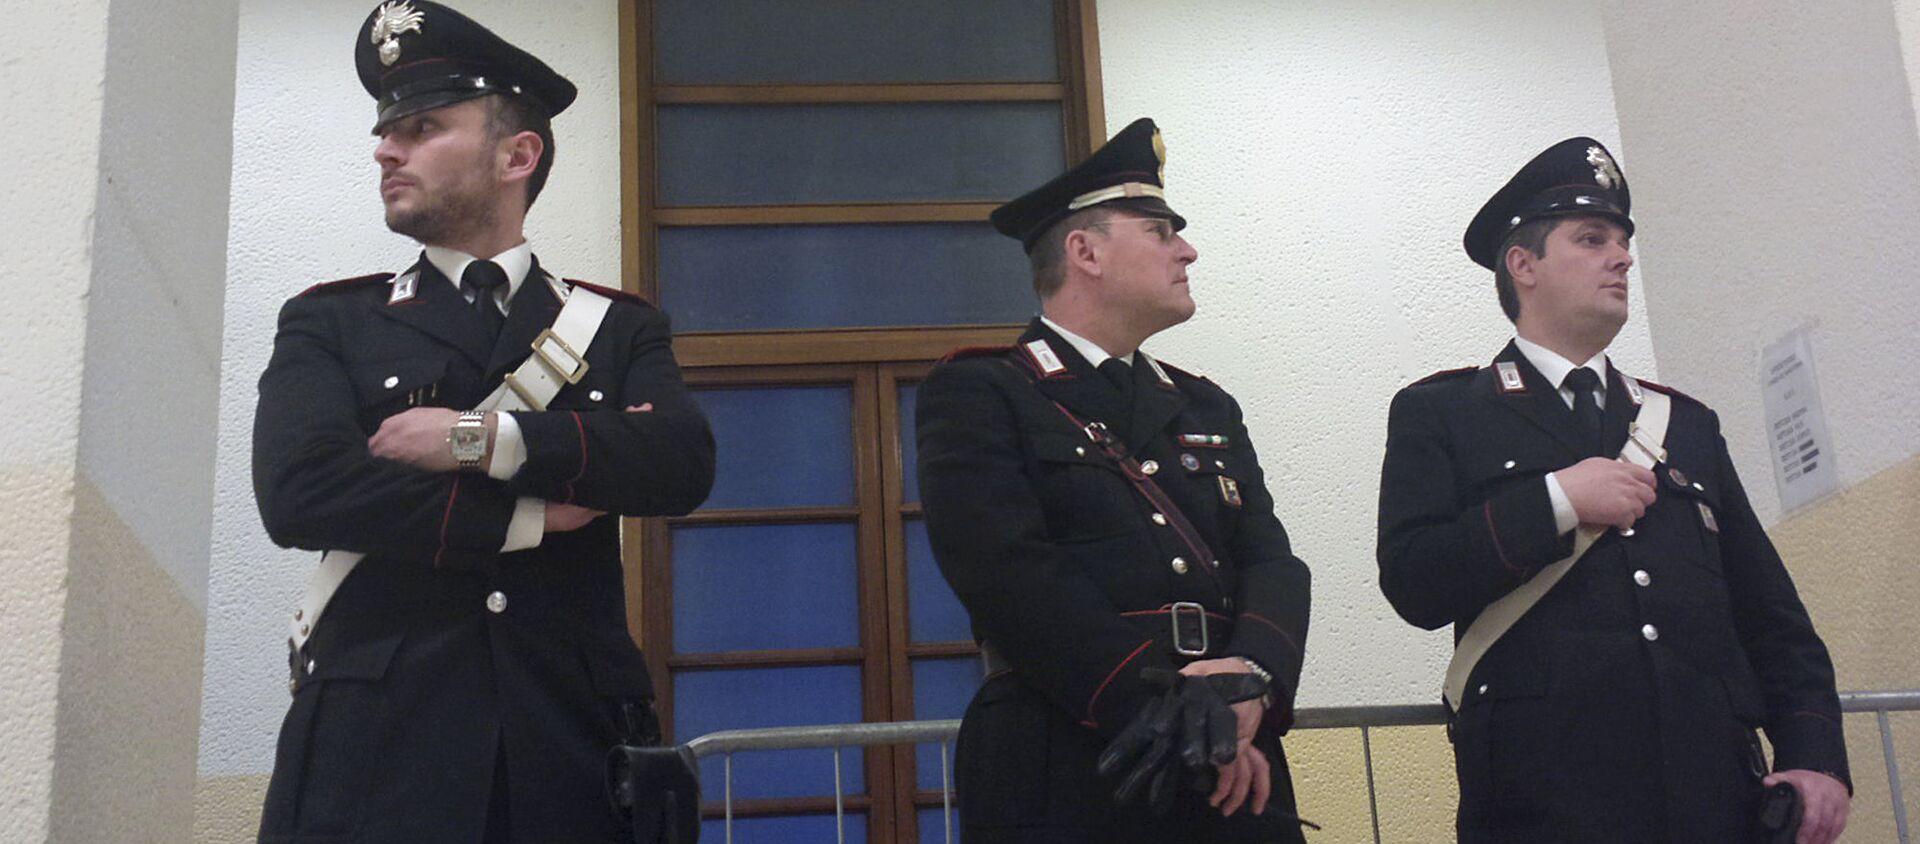 Włoscy karabinierzy w budynku sądu w Mediolanie - Sputnik Polska, 1920, 31.03.2021